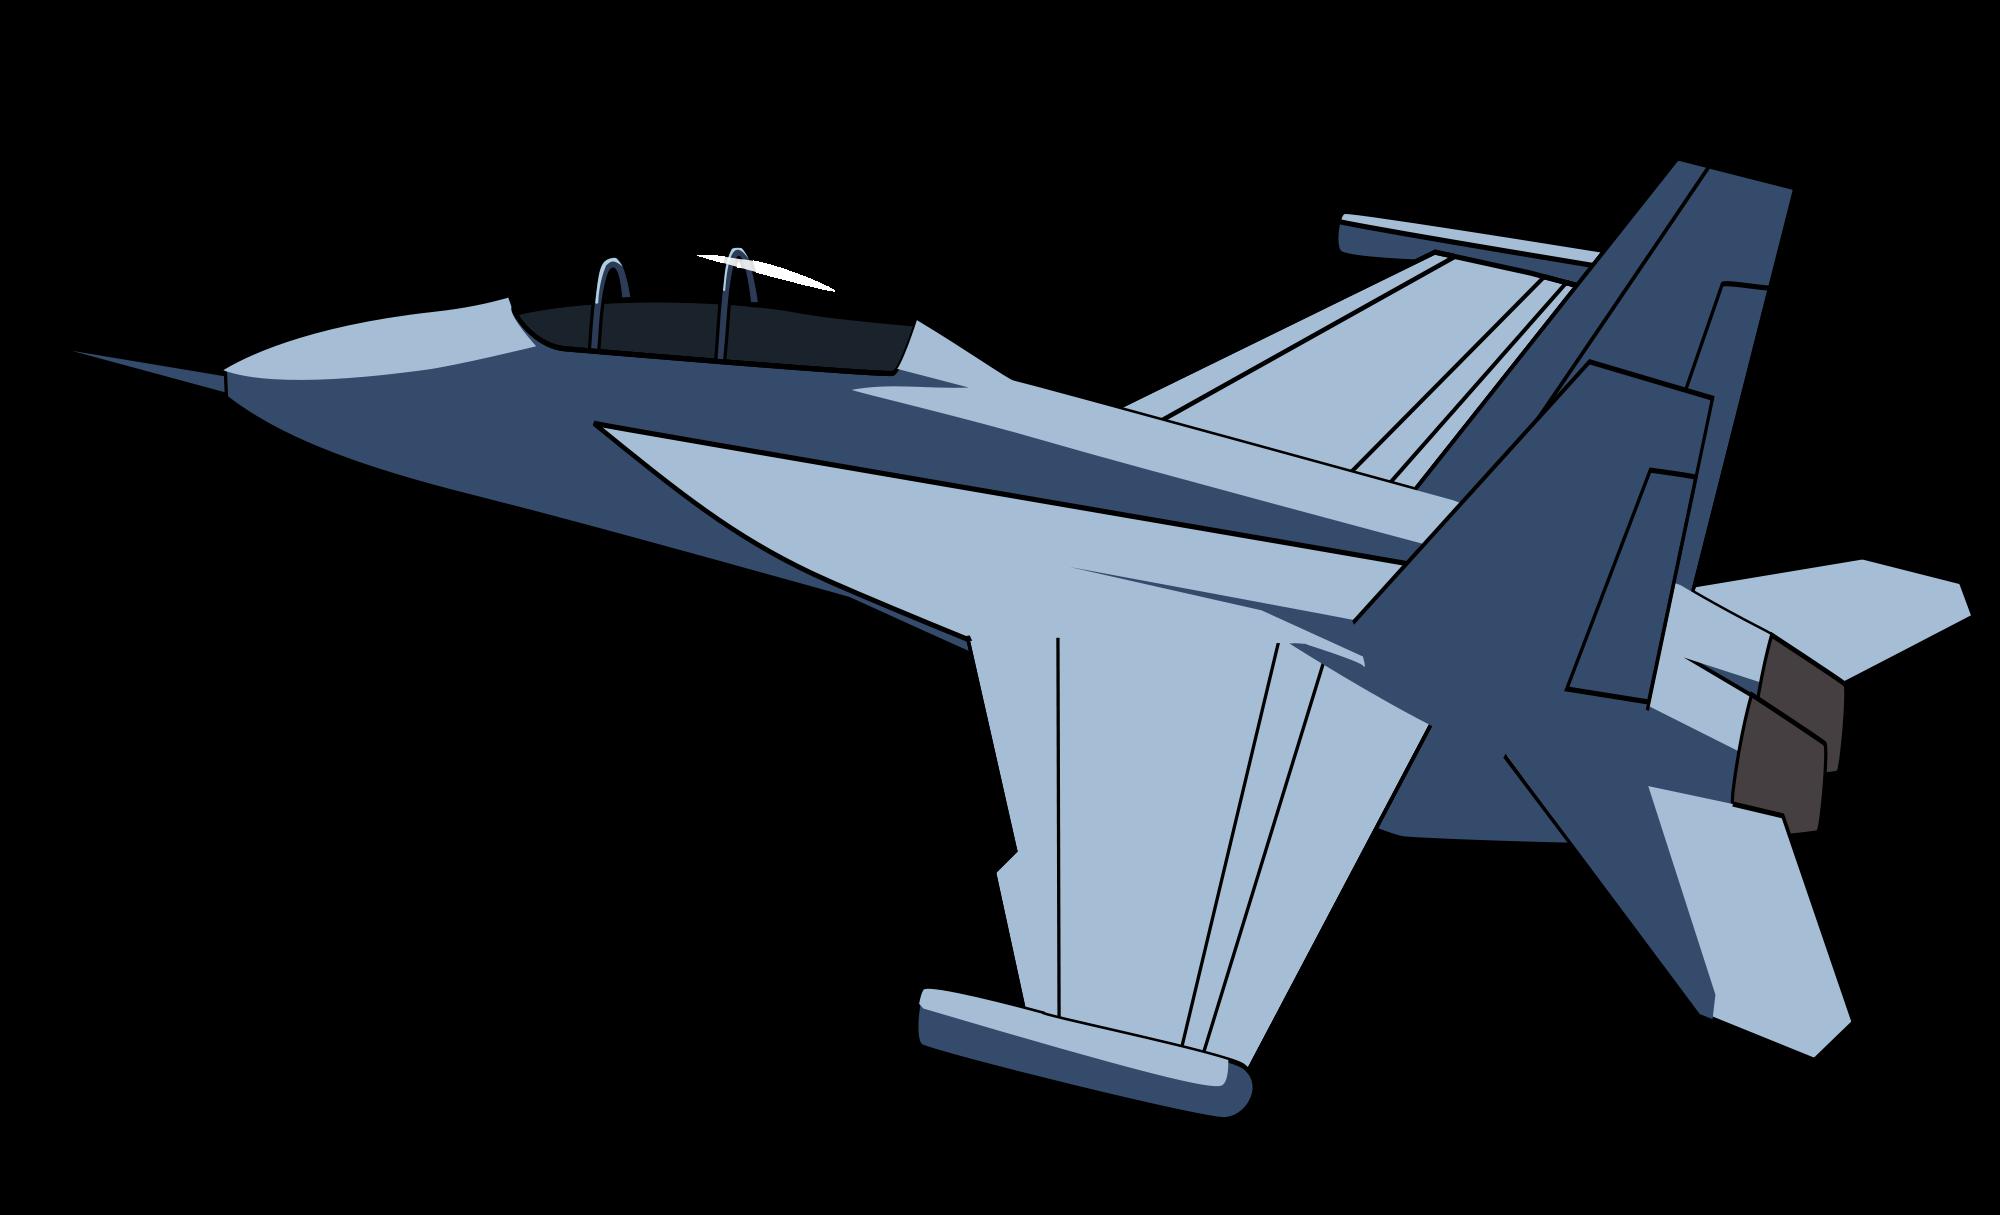 2000x1215 Aircraft Clipart Jet